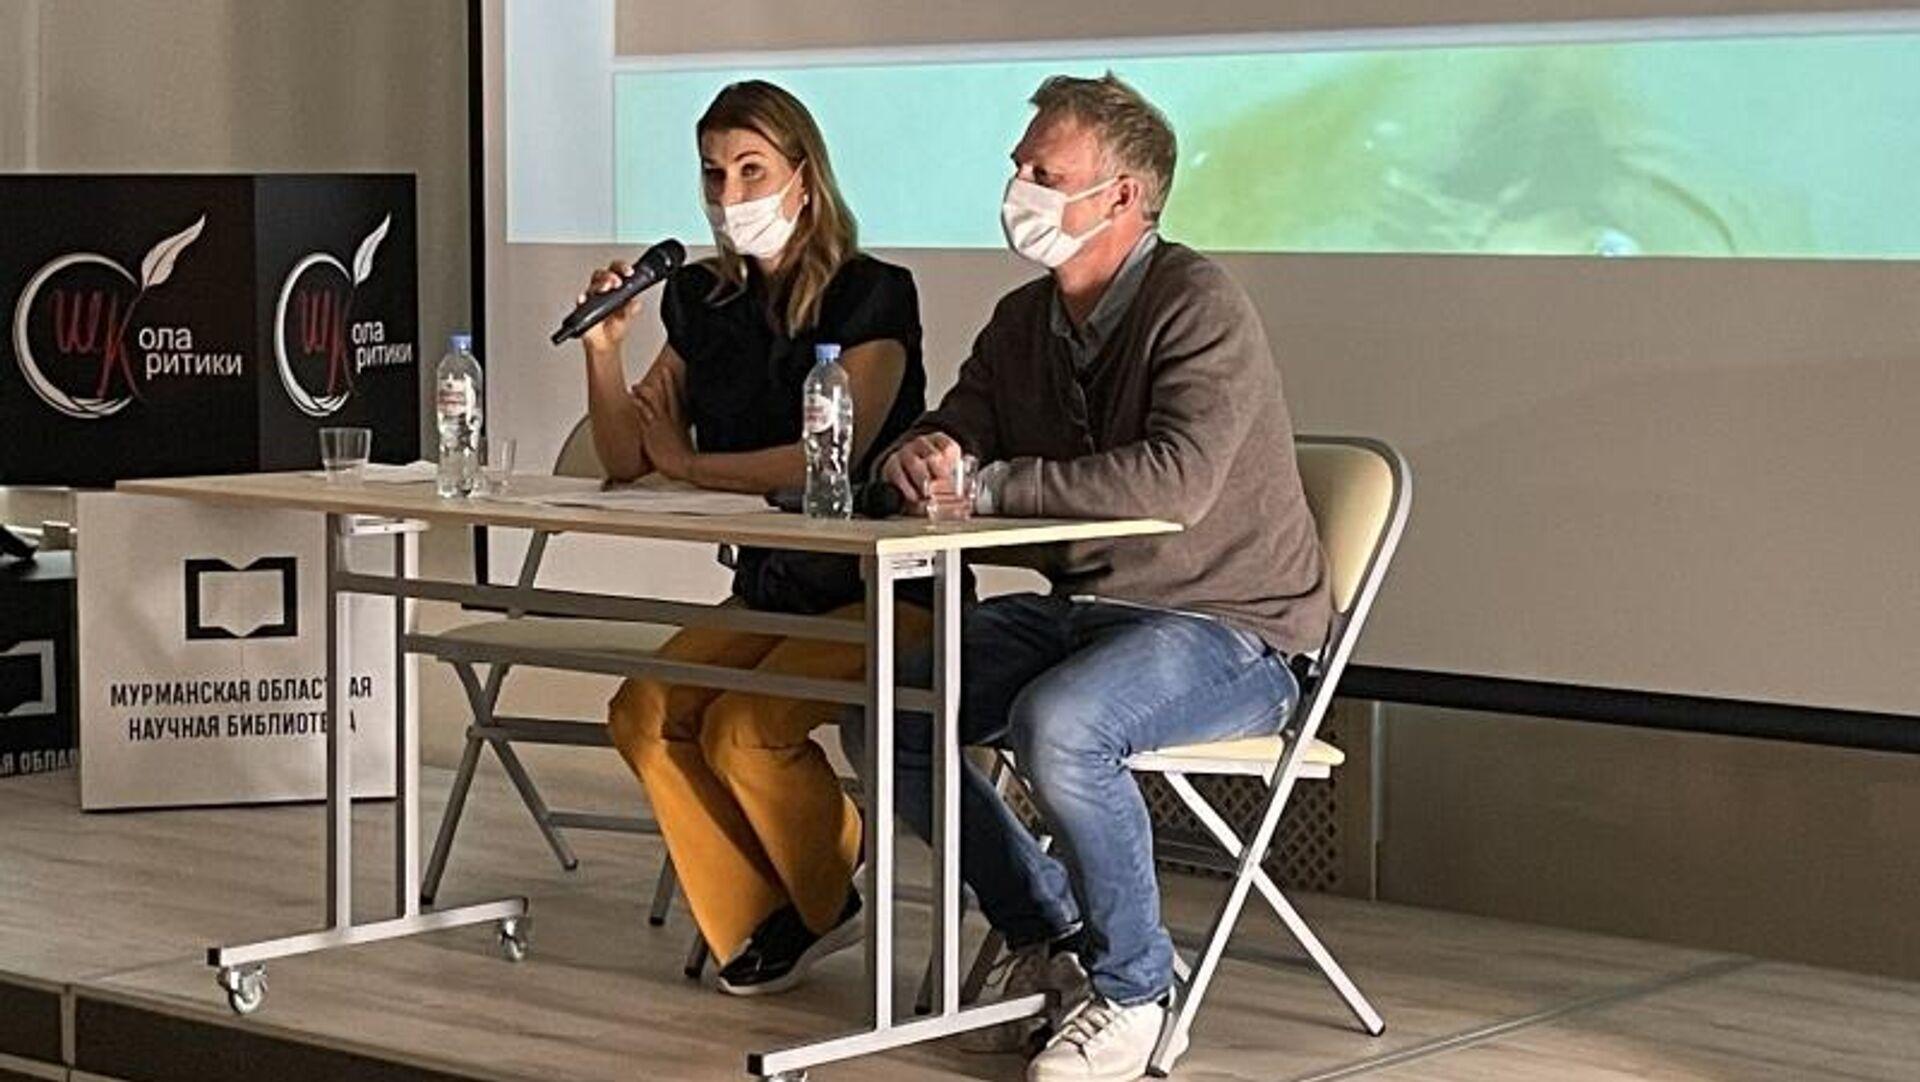 Режиссер из Швеции Хелена аф Клеркер на пресс-конференции в Мурманске - Sputnik Латвия, 1920, 12.10.2021